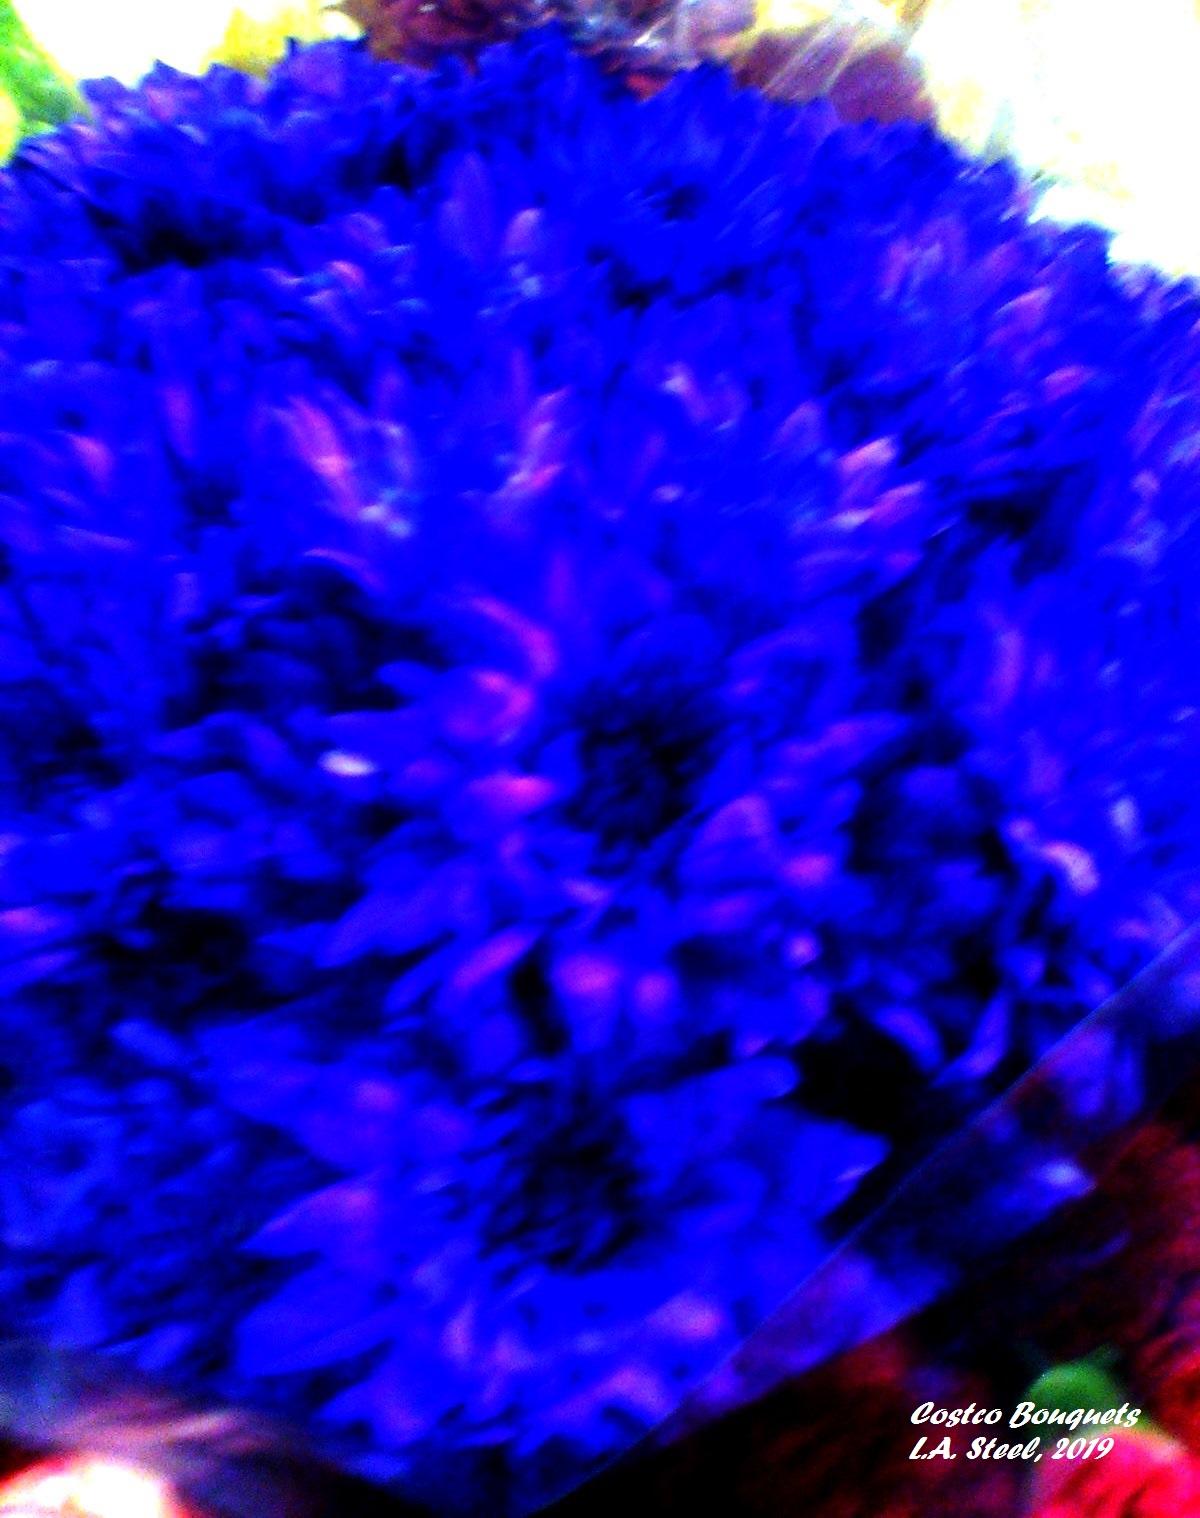 costco bouquets 3 2019